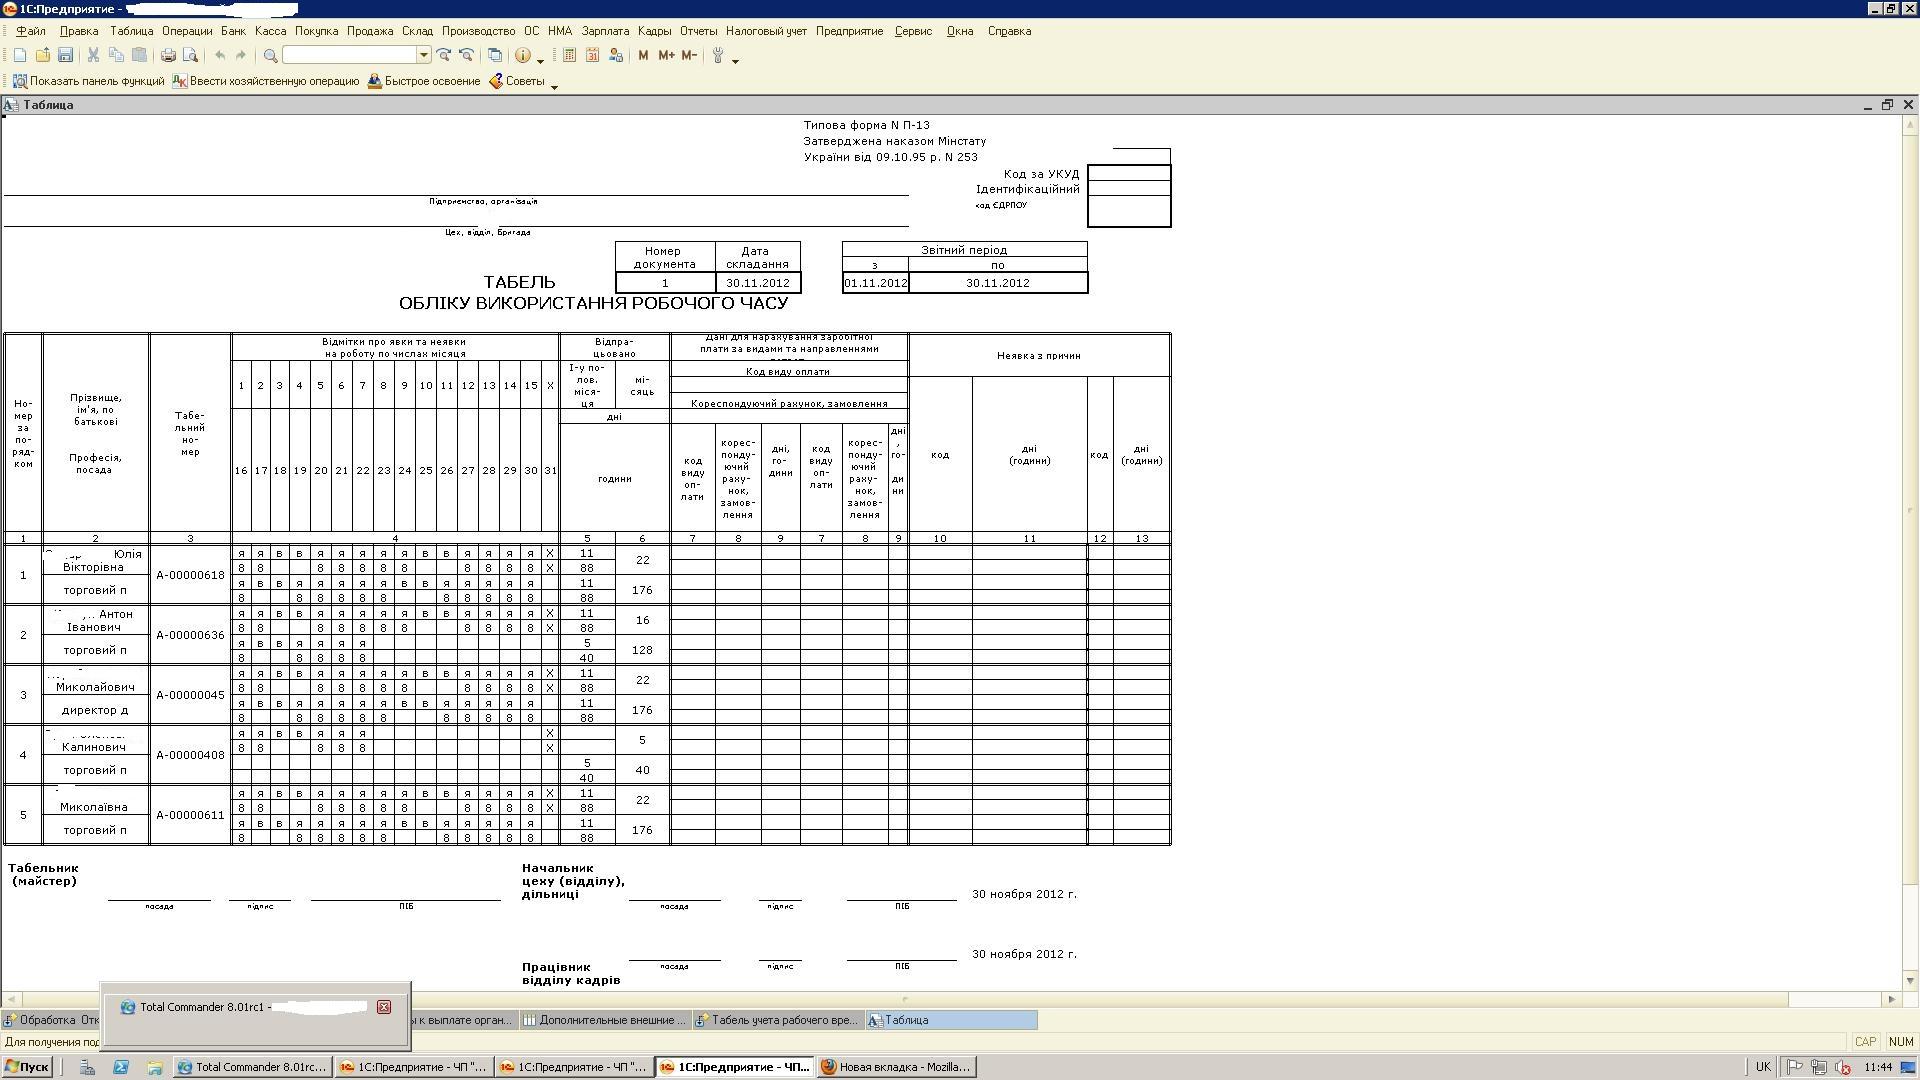 новый бланк табель учёта рабочего времени украина 2012